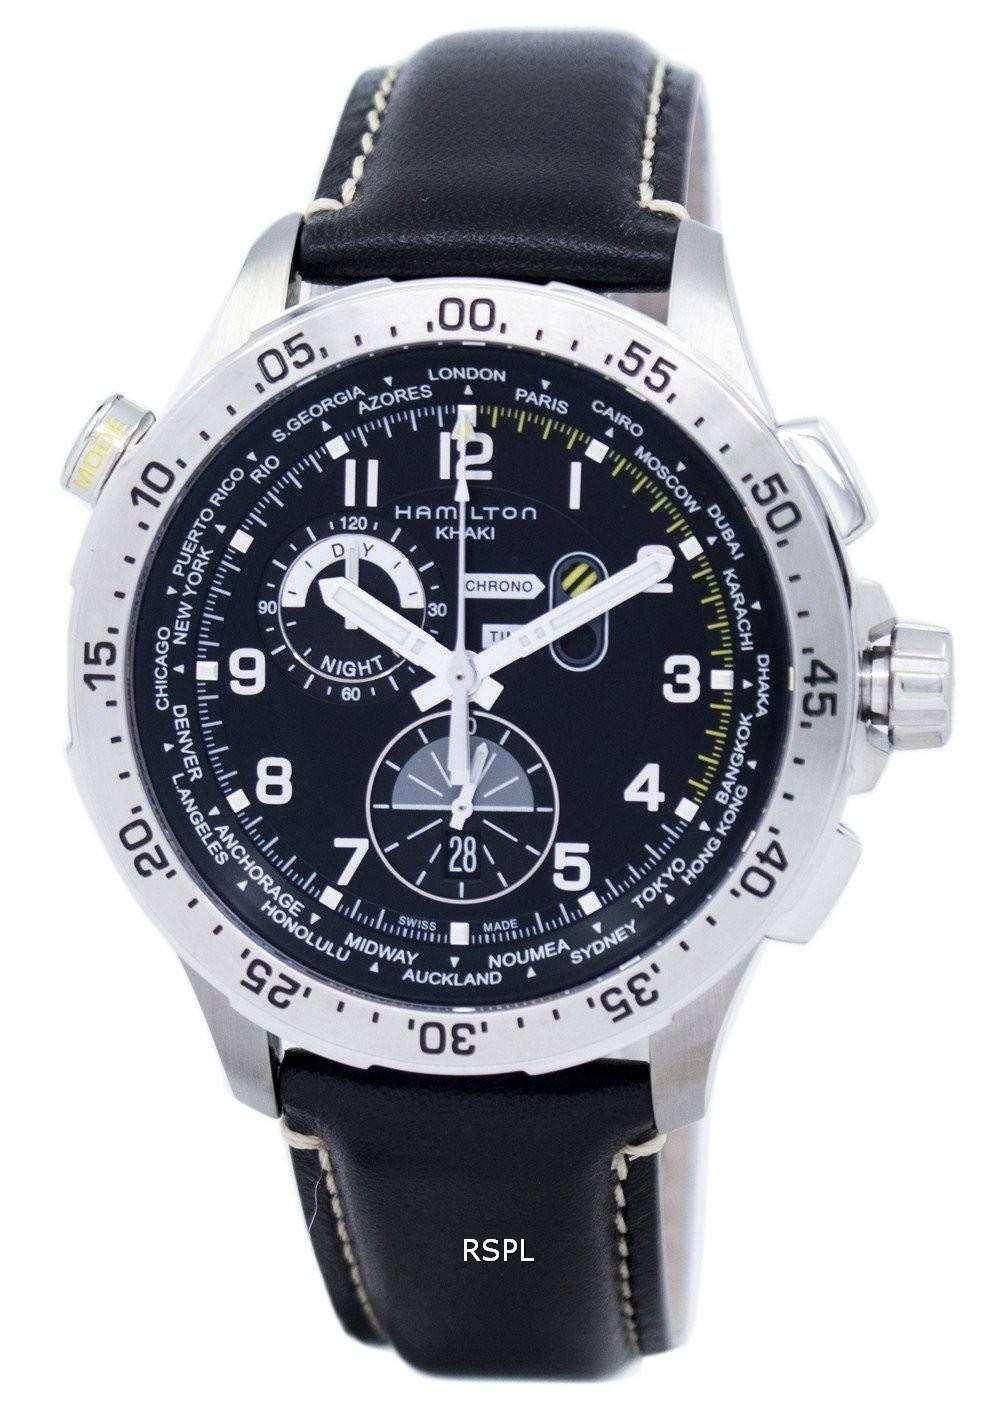 ハミルトン カーキ アヴィエイション ワールドタイマー クロノ クォーツ H76714735 メンズ腕時計